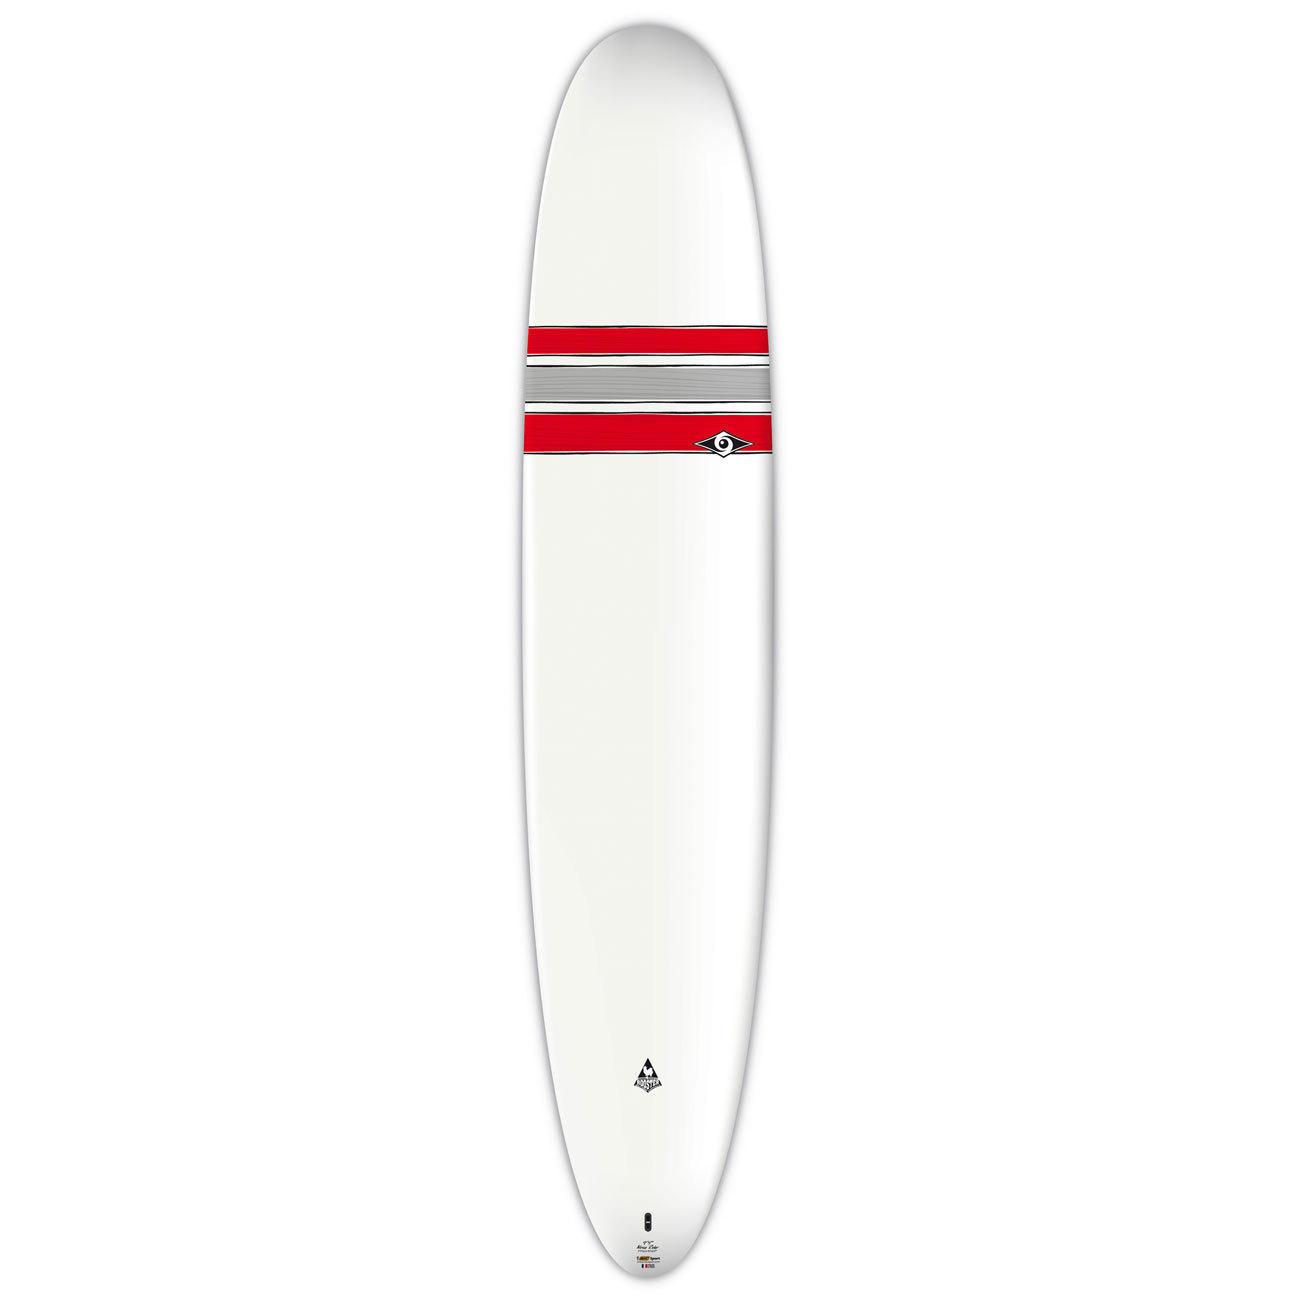 BICSPORT(ビックスポーツ)9'4''NOSERIDER[101701]ボードサーフボードロングボード